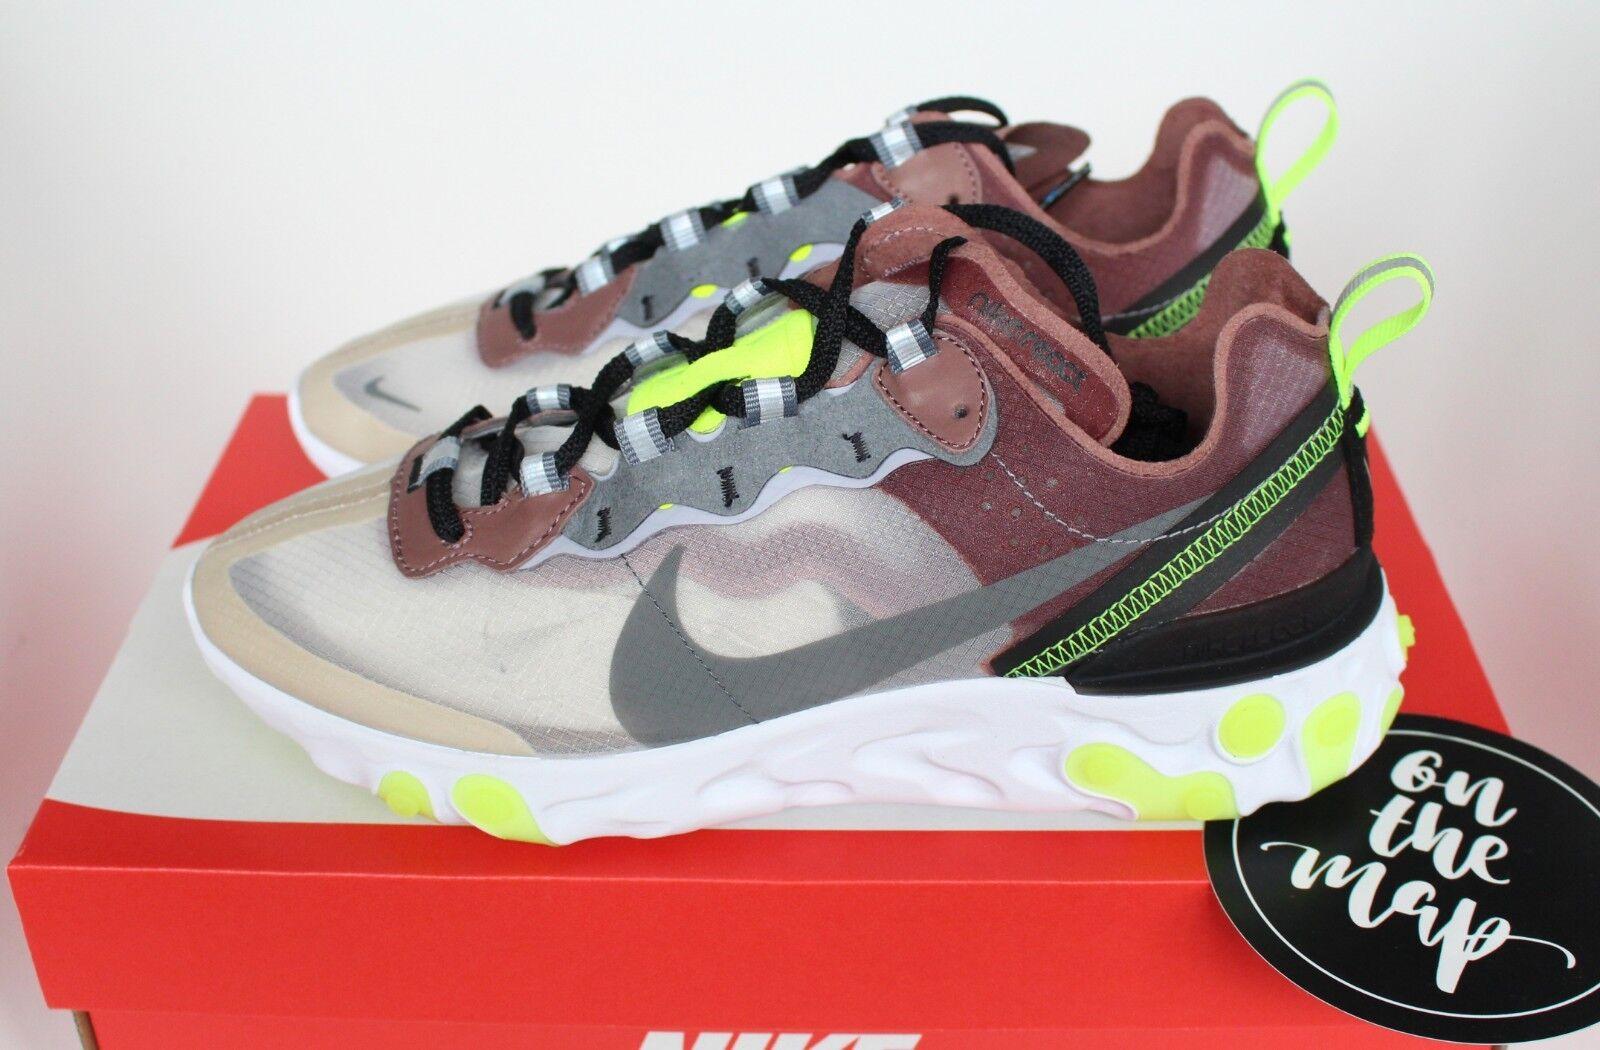 Nike React Element 87 Desert Sand Beige Green5 6 7 8 9 10 11 US New